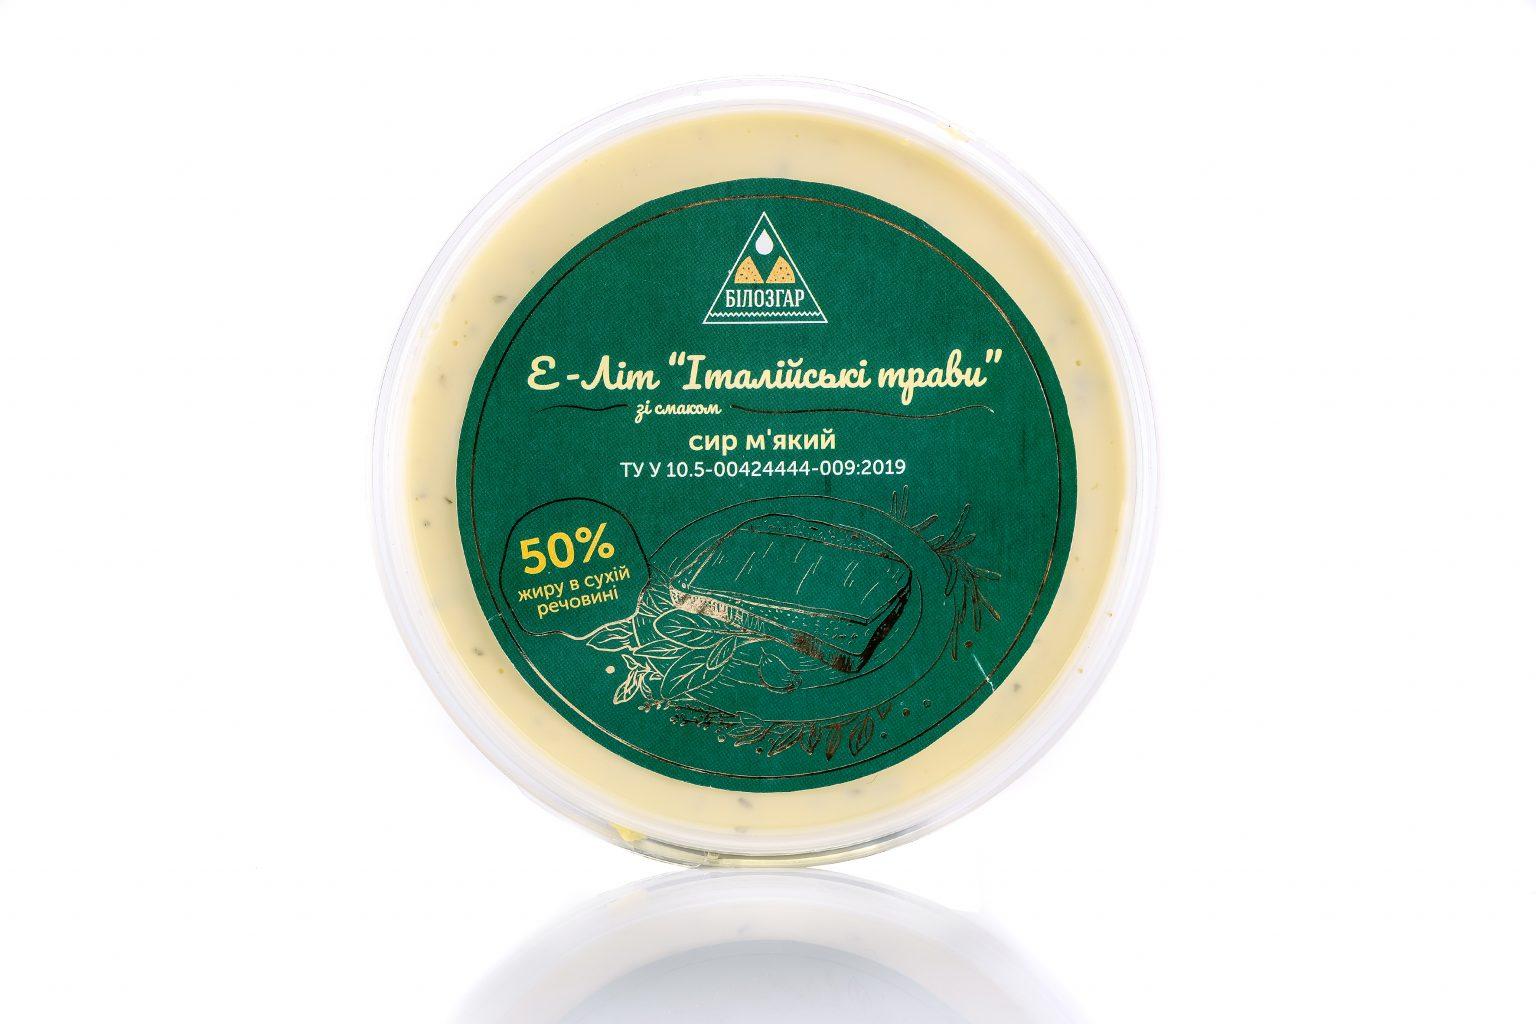 Сир мякий Е-Літ зі смаком італійські трави 50%